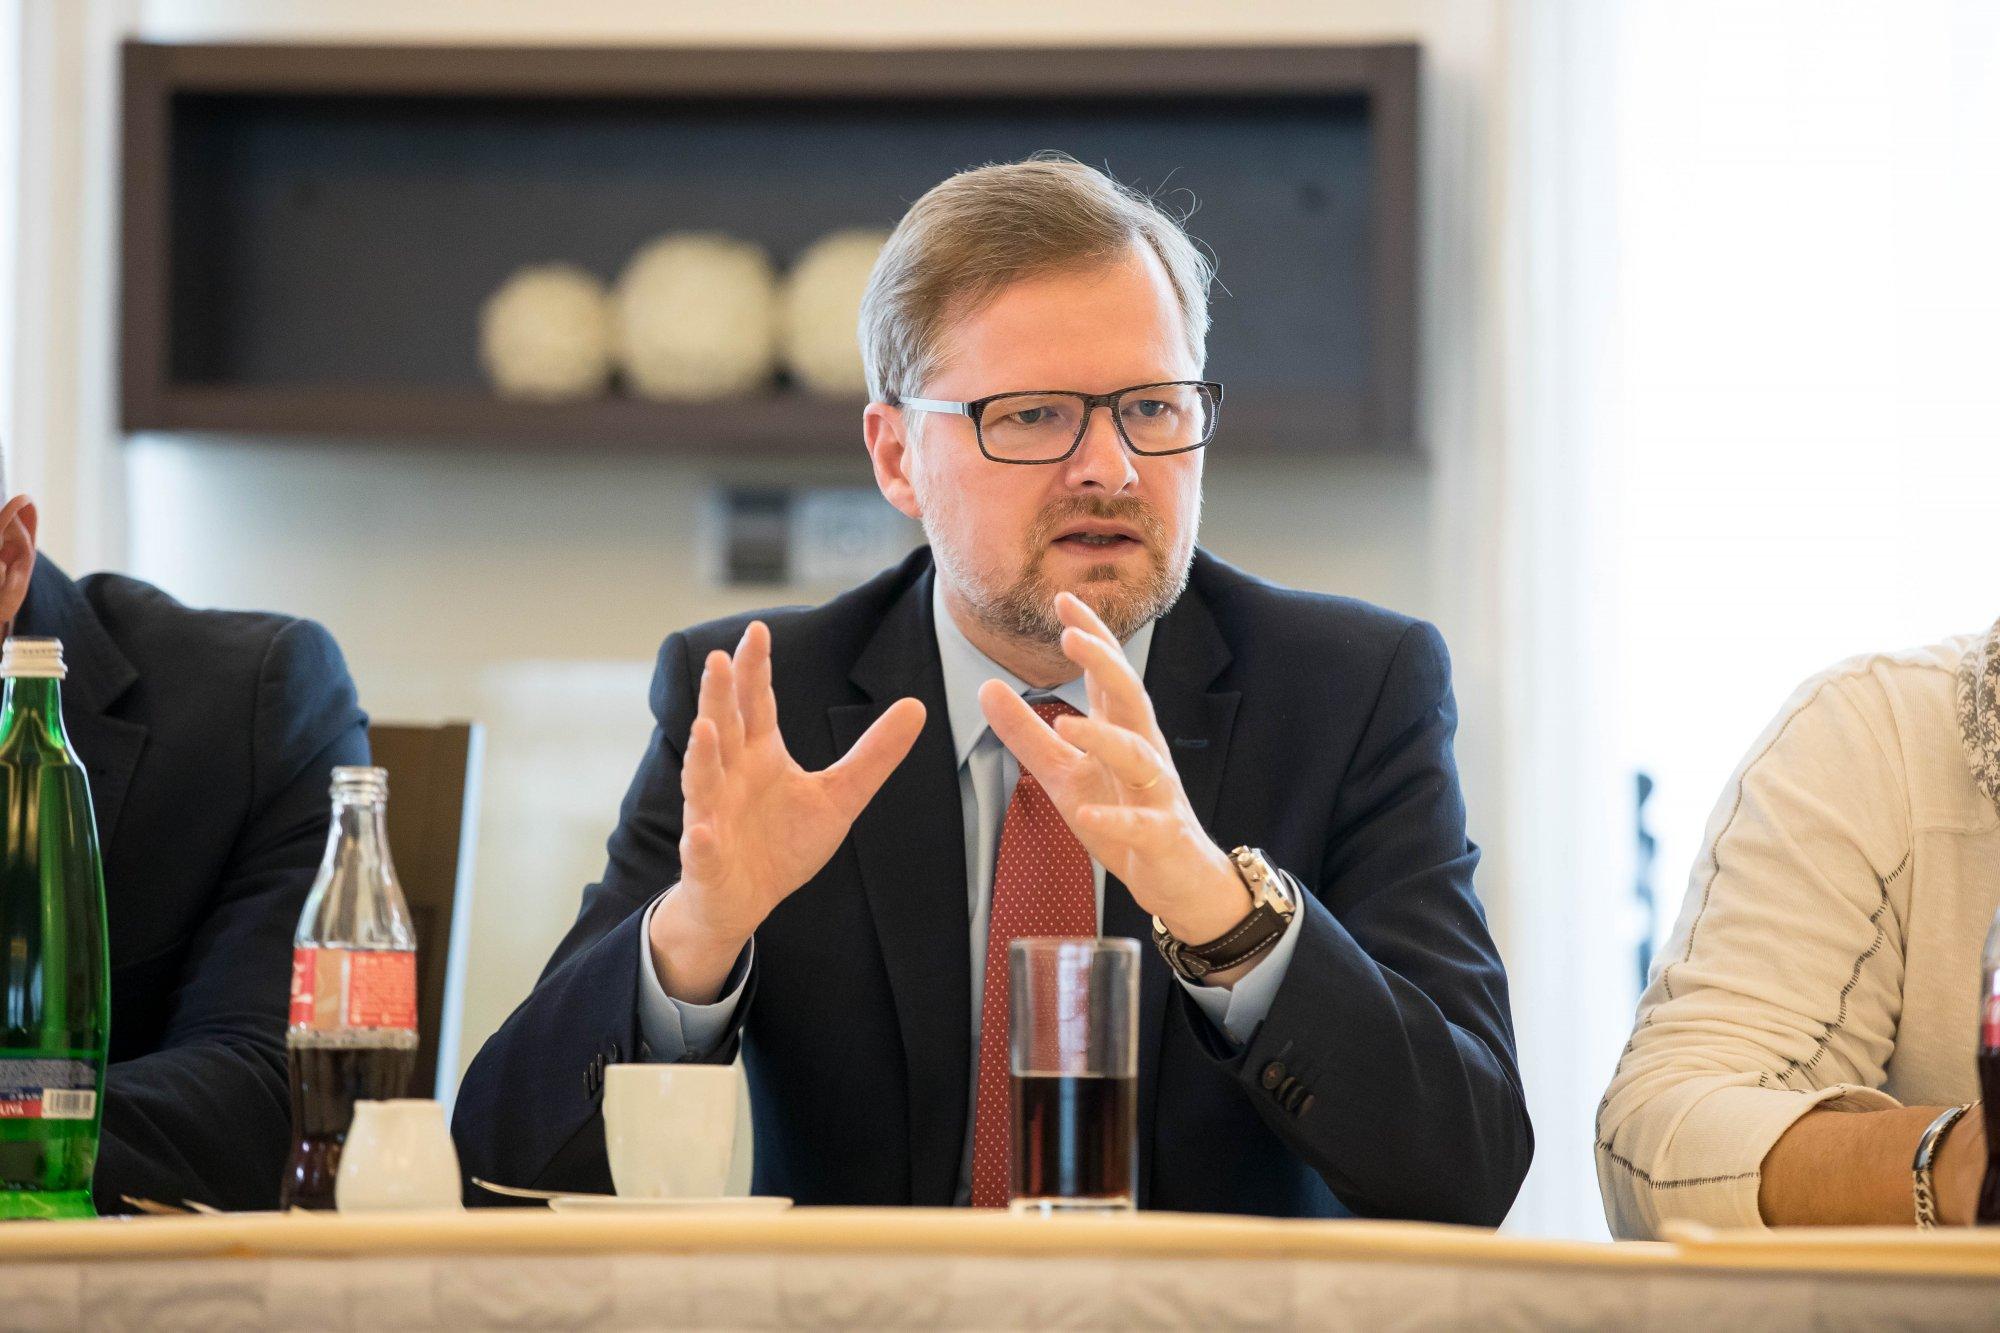 Petr Fiala: Tlak prezidenta na nejvyššího státního zástupce je nepřijatelný. Svolávám schůzku předsedů opozičních stran